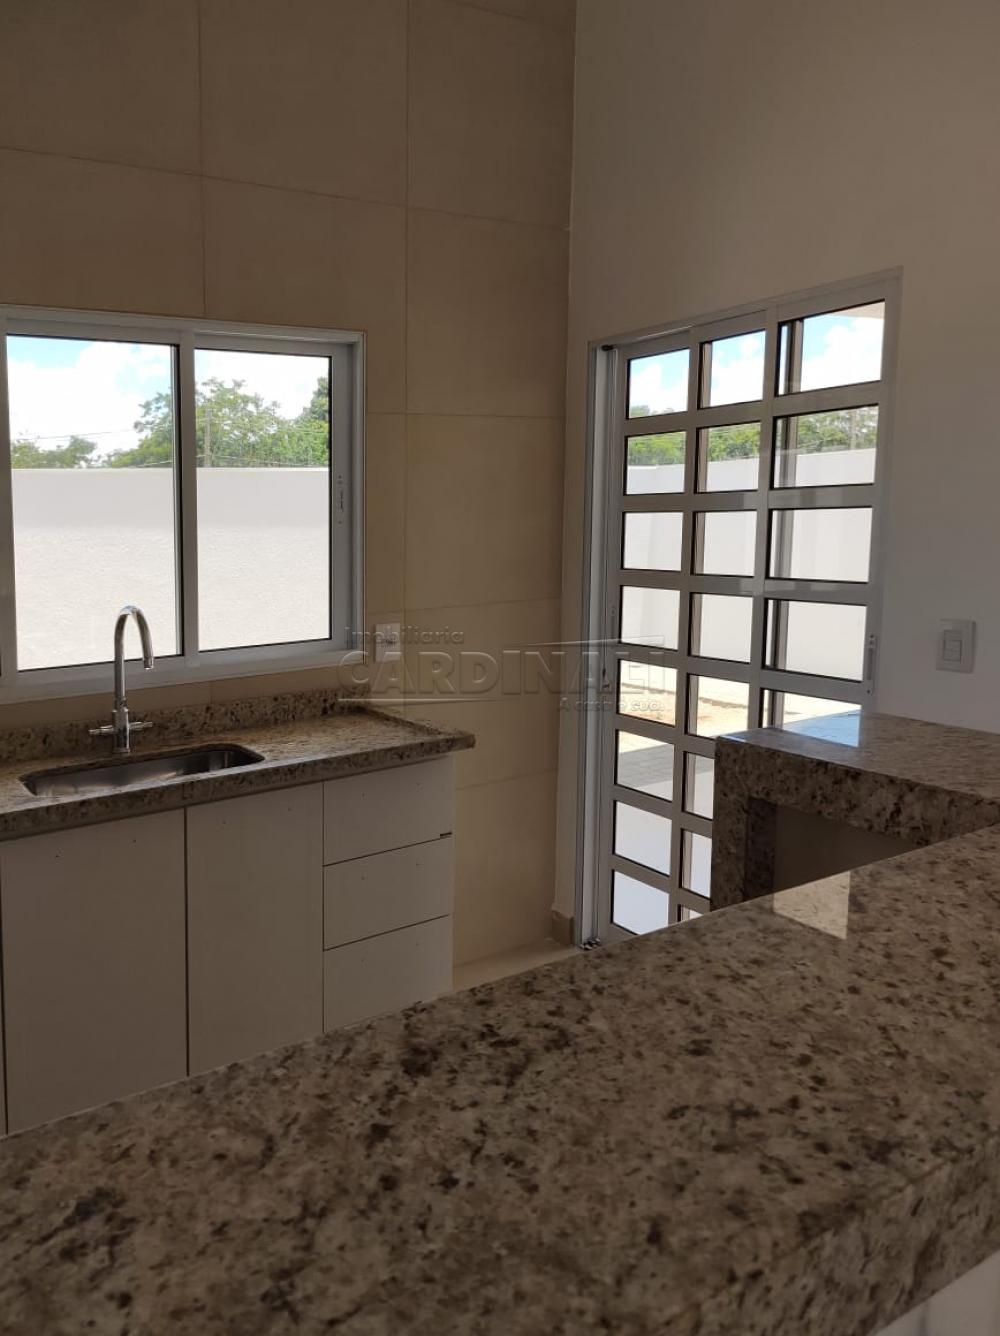 Comprar Casa / Condomínio em Araraquara R$ 480.000,00 - Foto 14